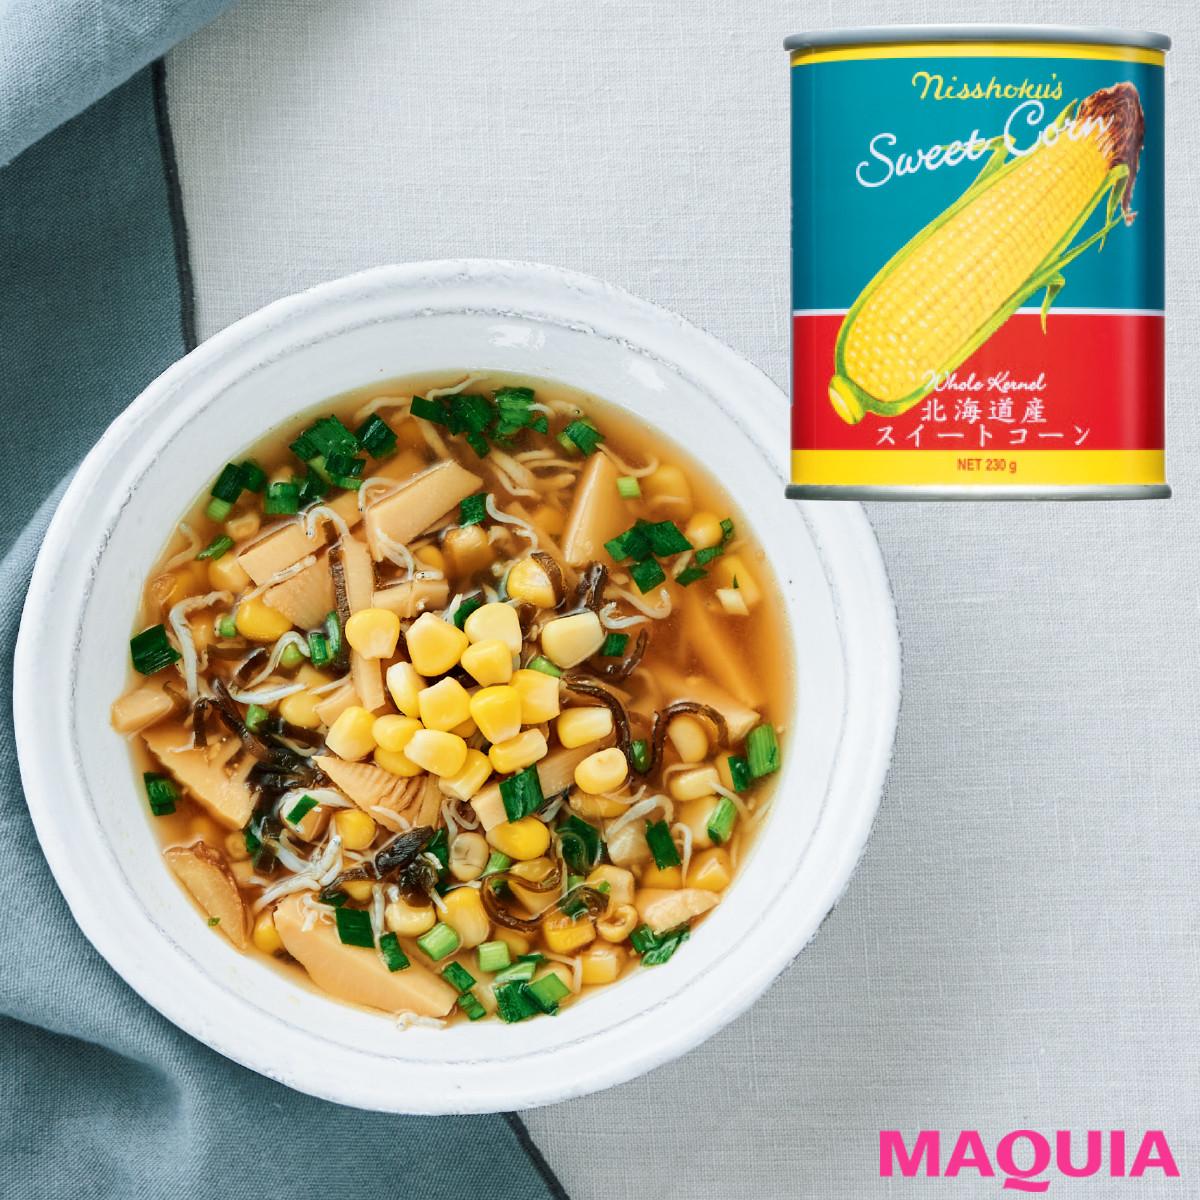 缶詰を使った美腸スープのレシピ